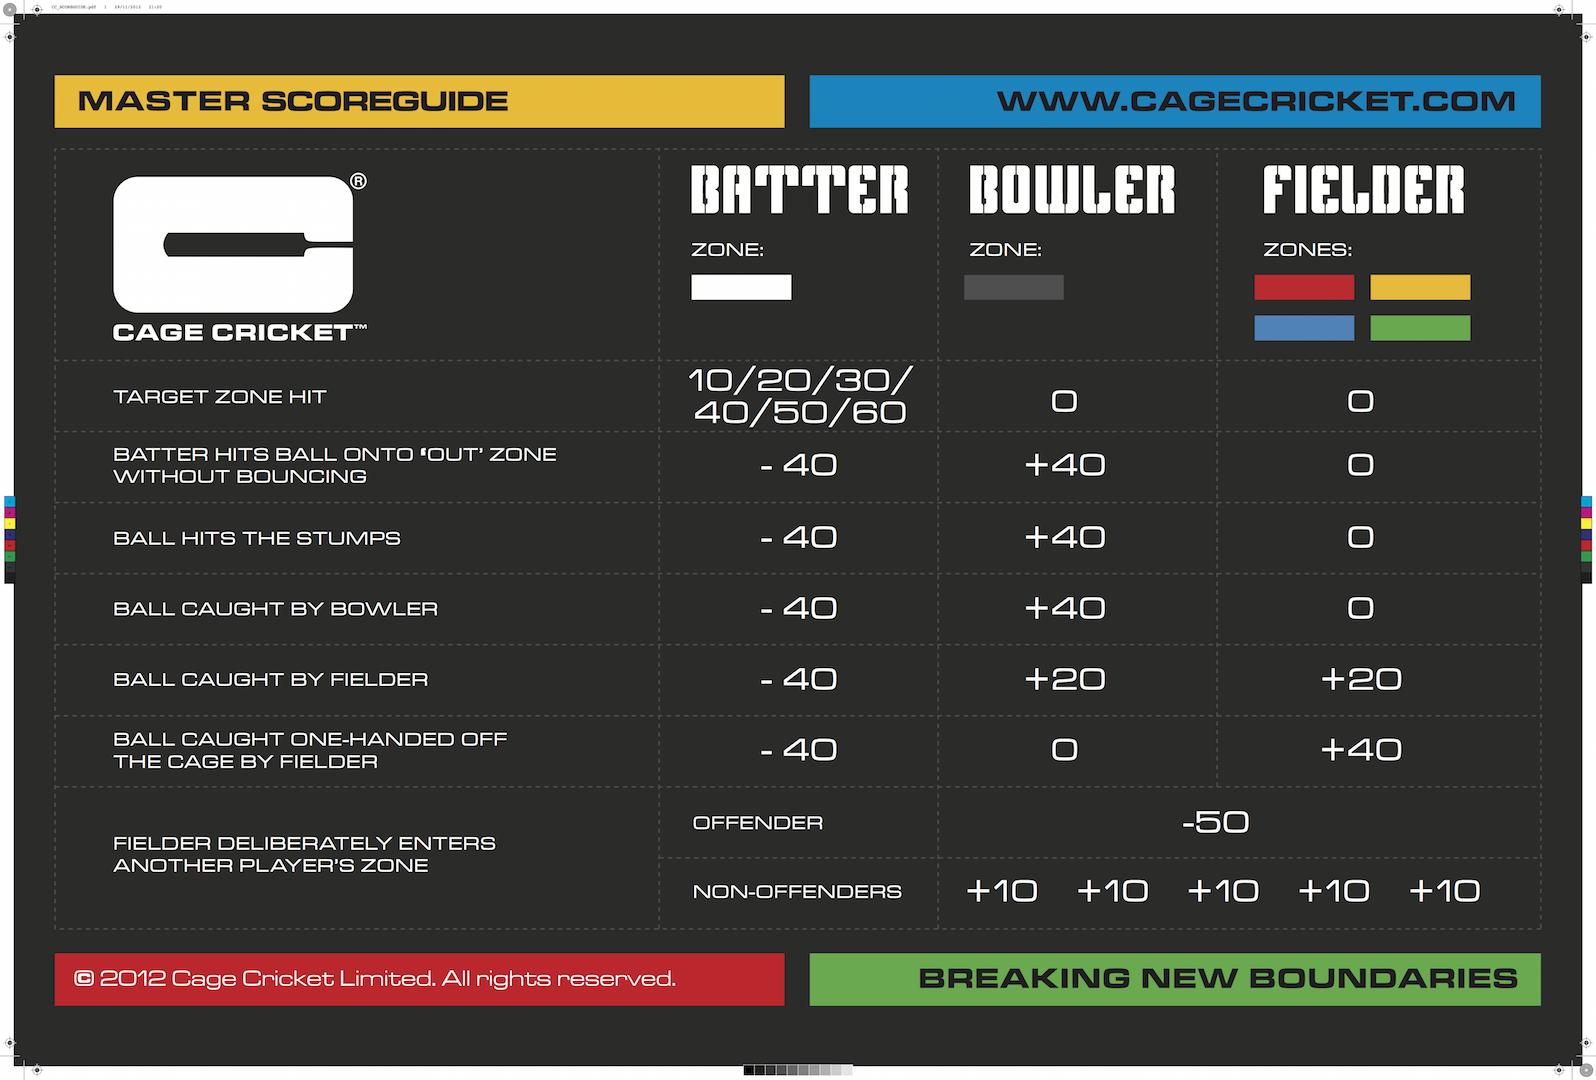 CC_SCOREGUIDE-1